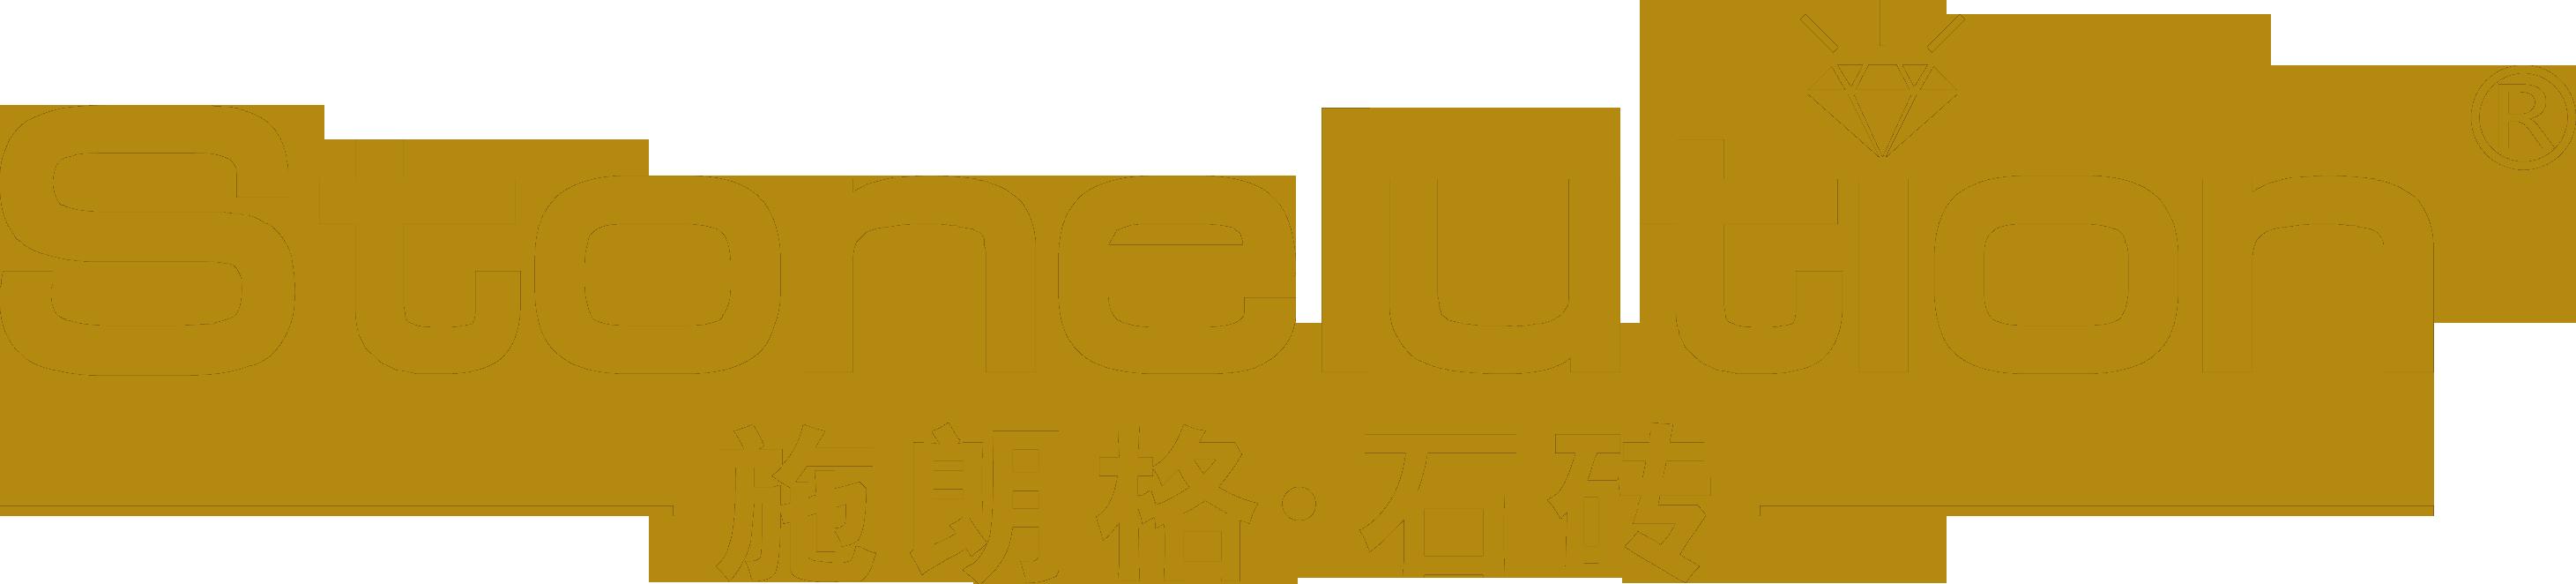 施朗格(漳州)建材科技有限公司